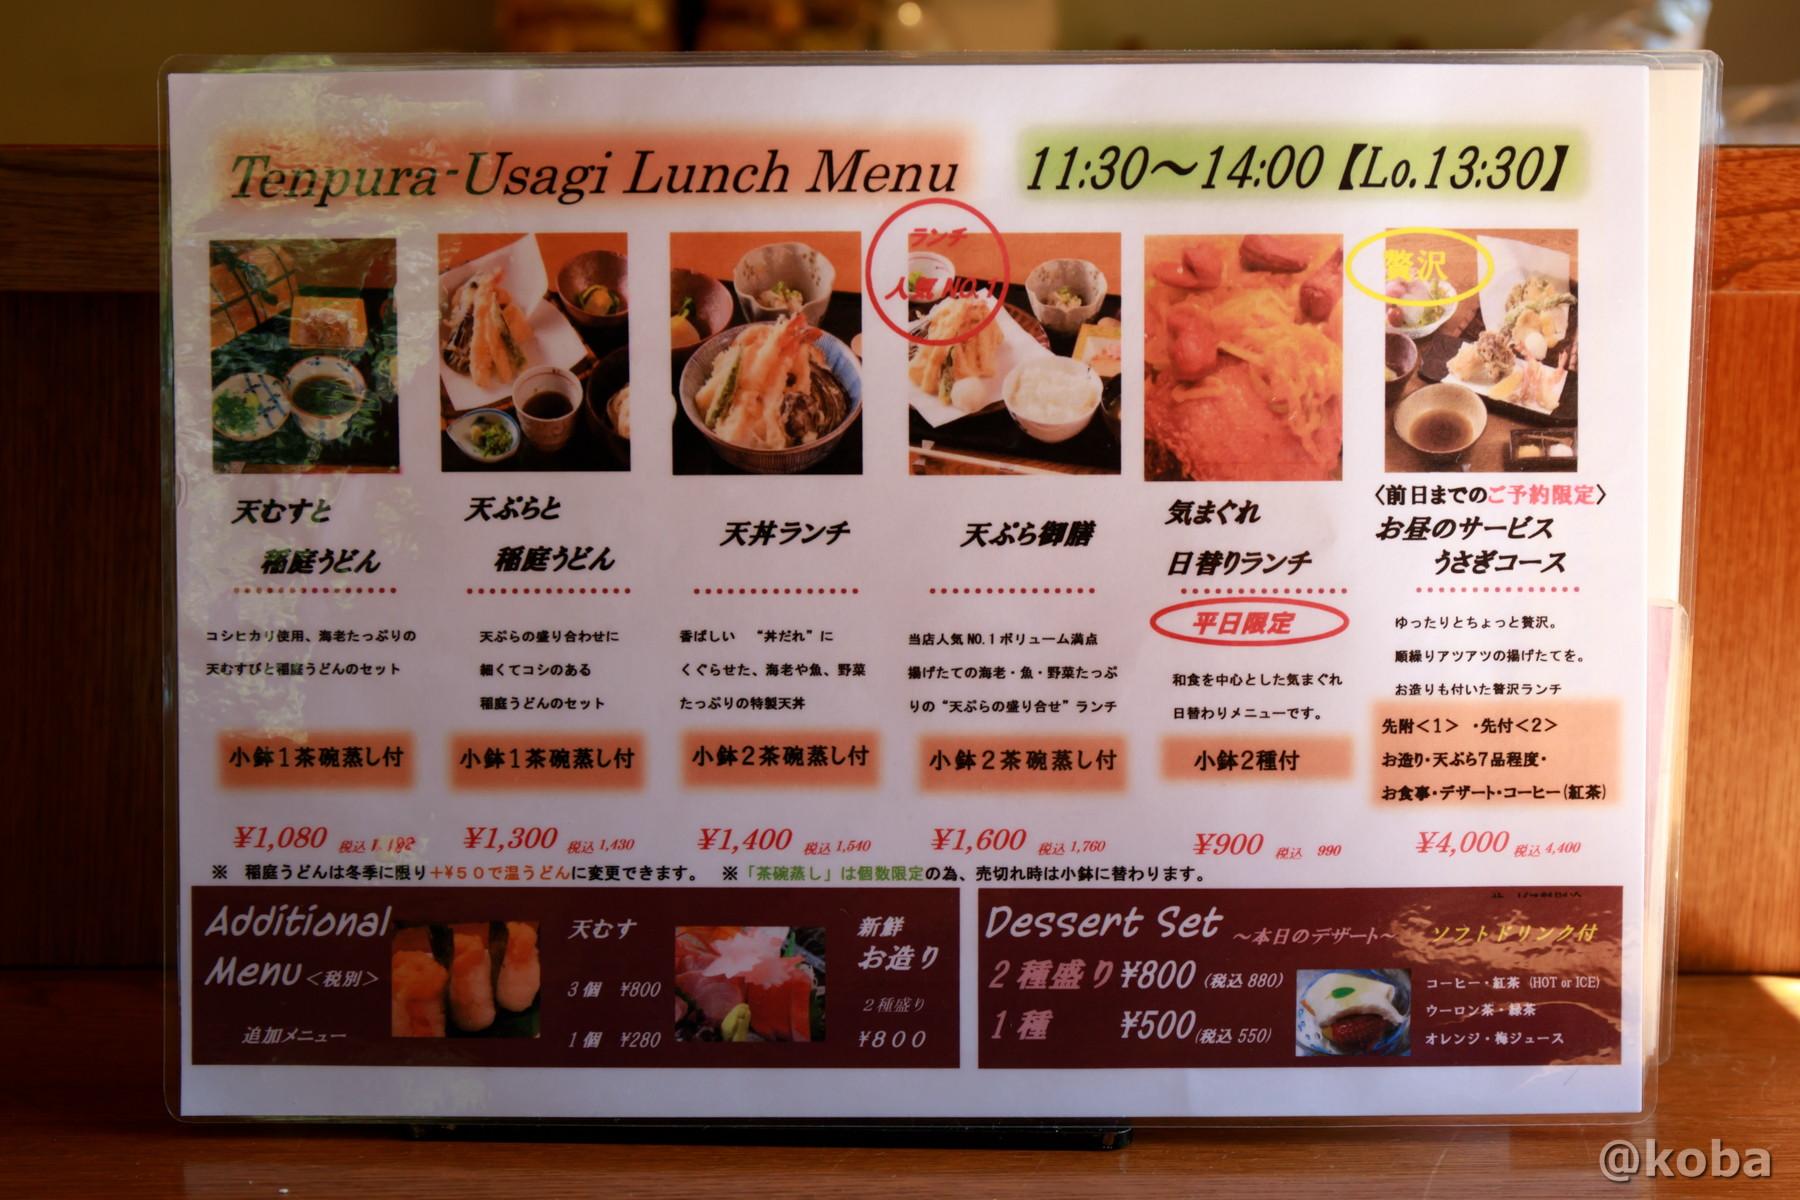 ランチメニューの写真|天ぷら割烹 うさぎ(テンプラカッポウ ウサギ)和食 食事処|東京都葛飾区・京成青砥駅